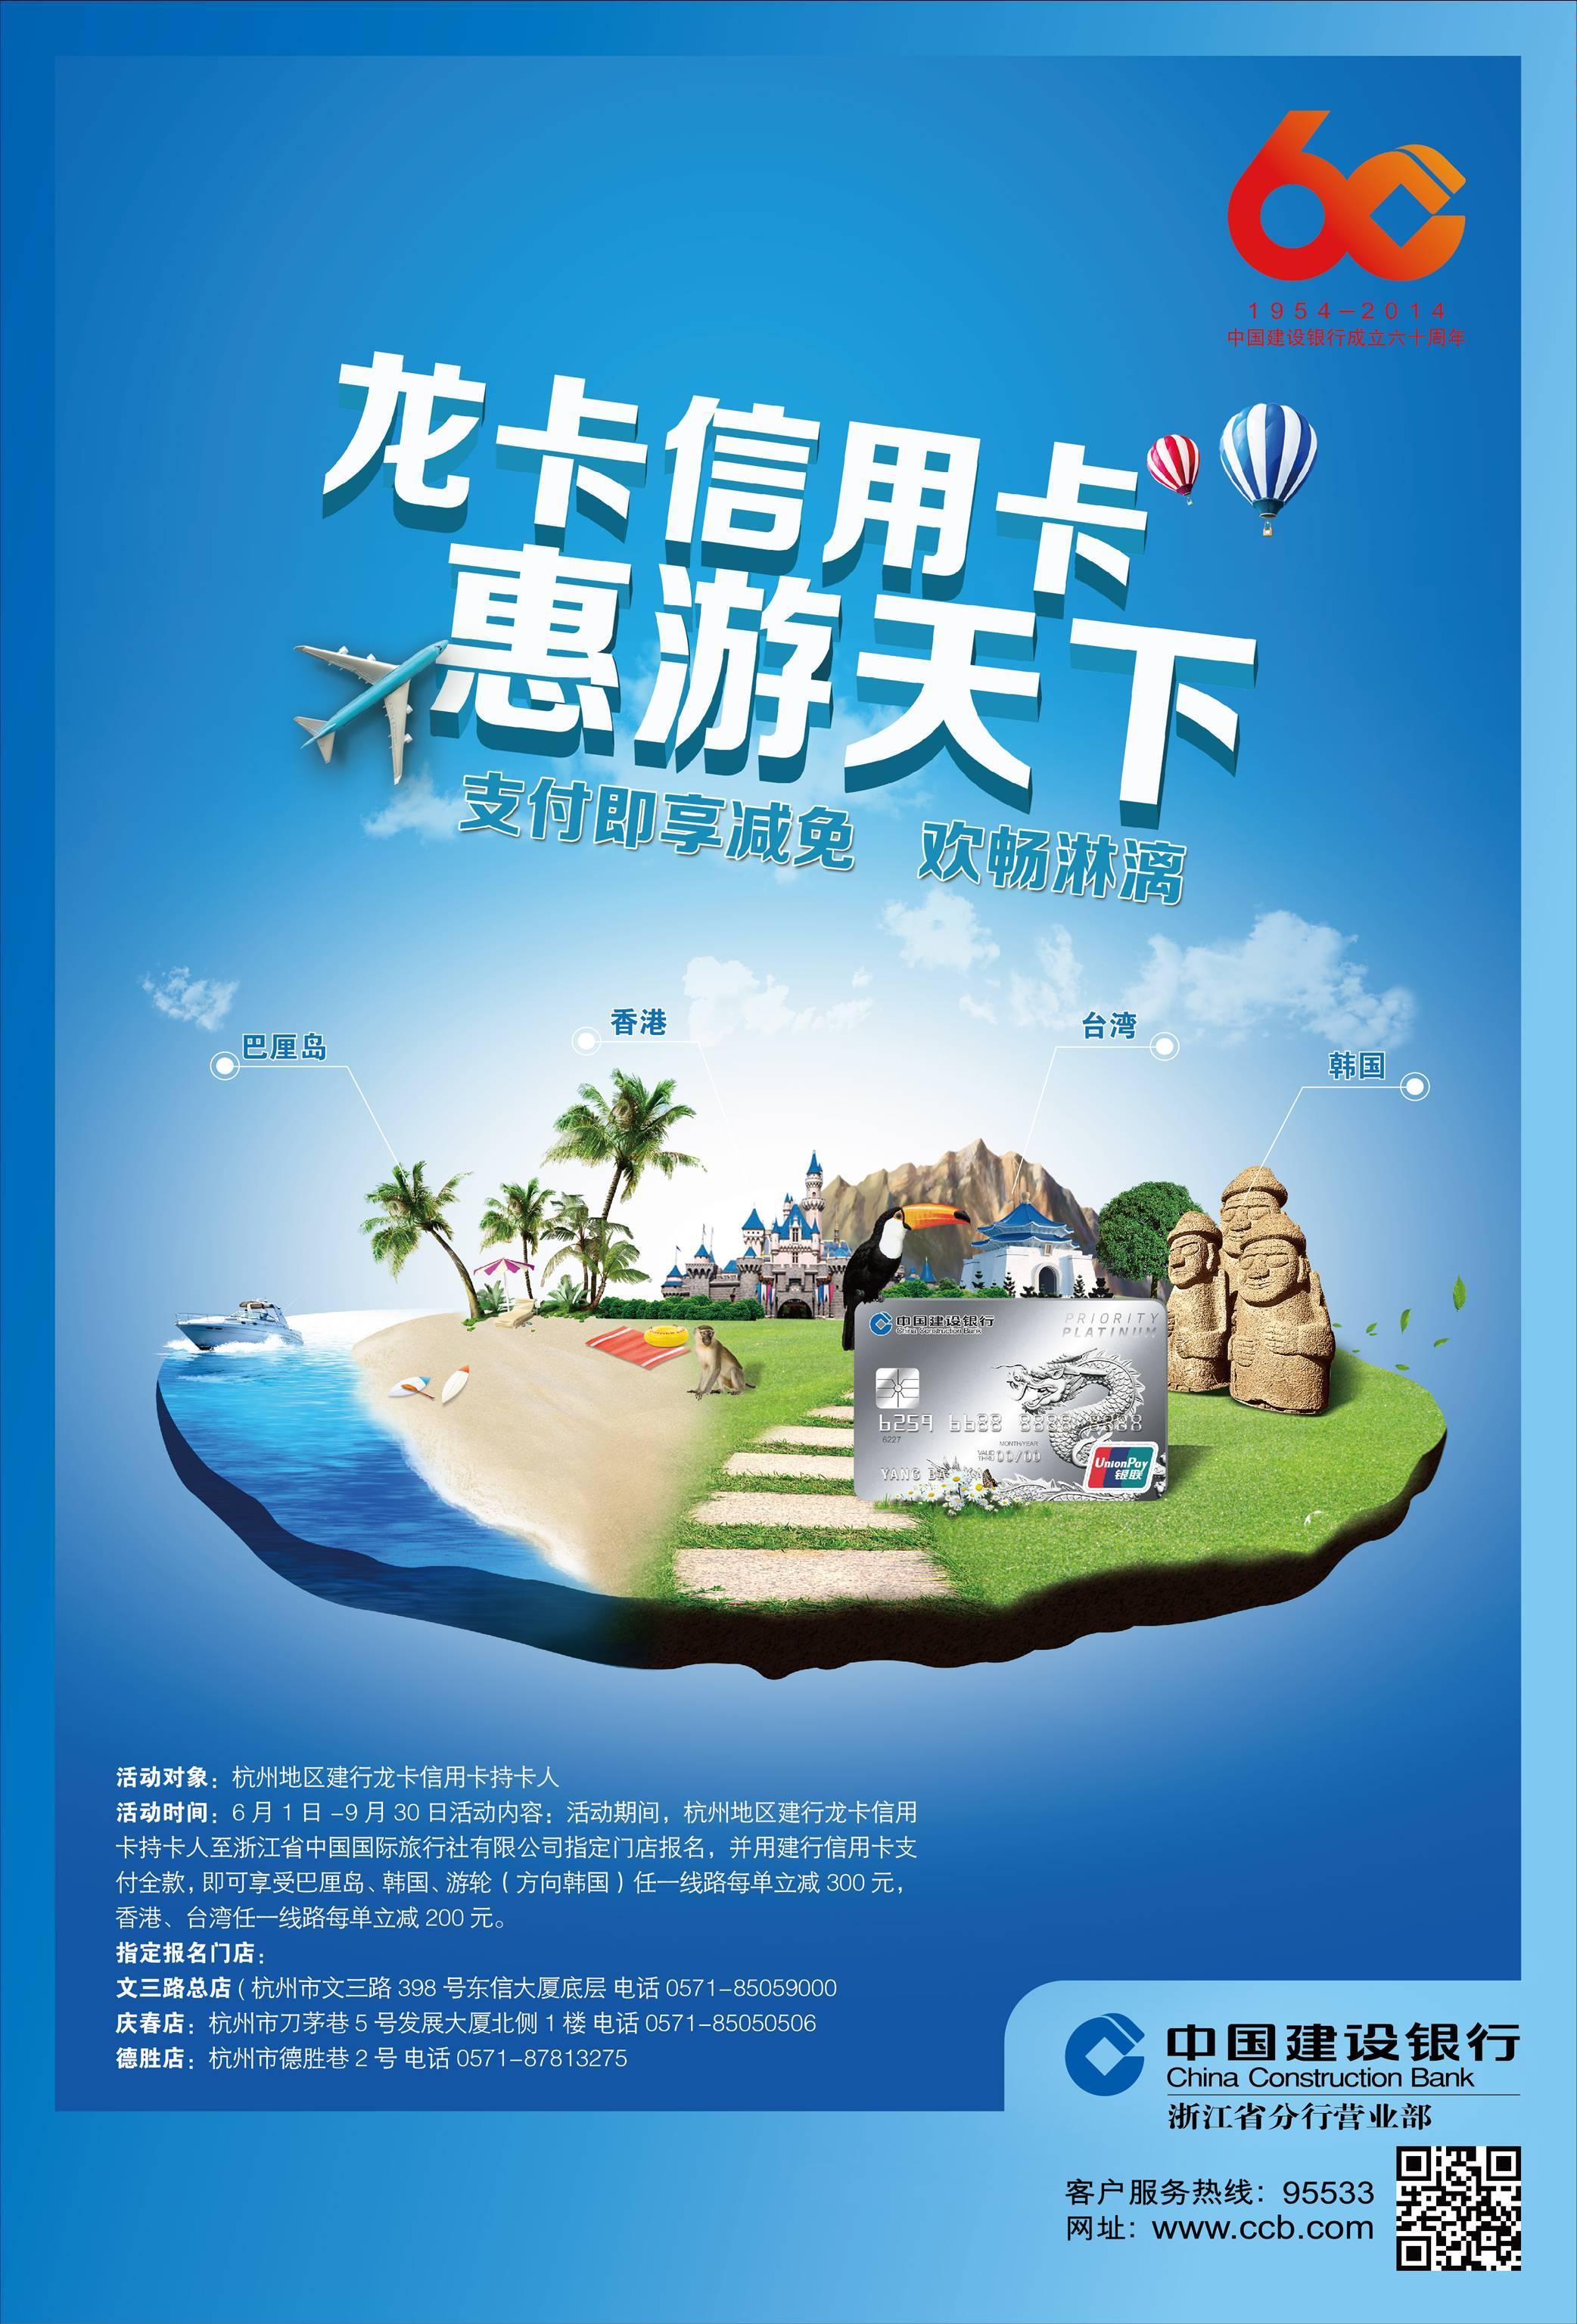 中国建设银行活动海报设计